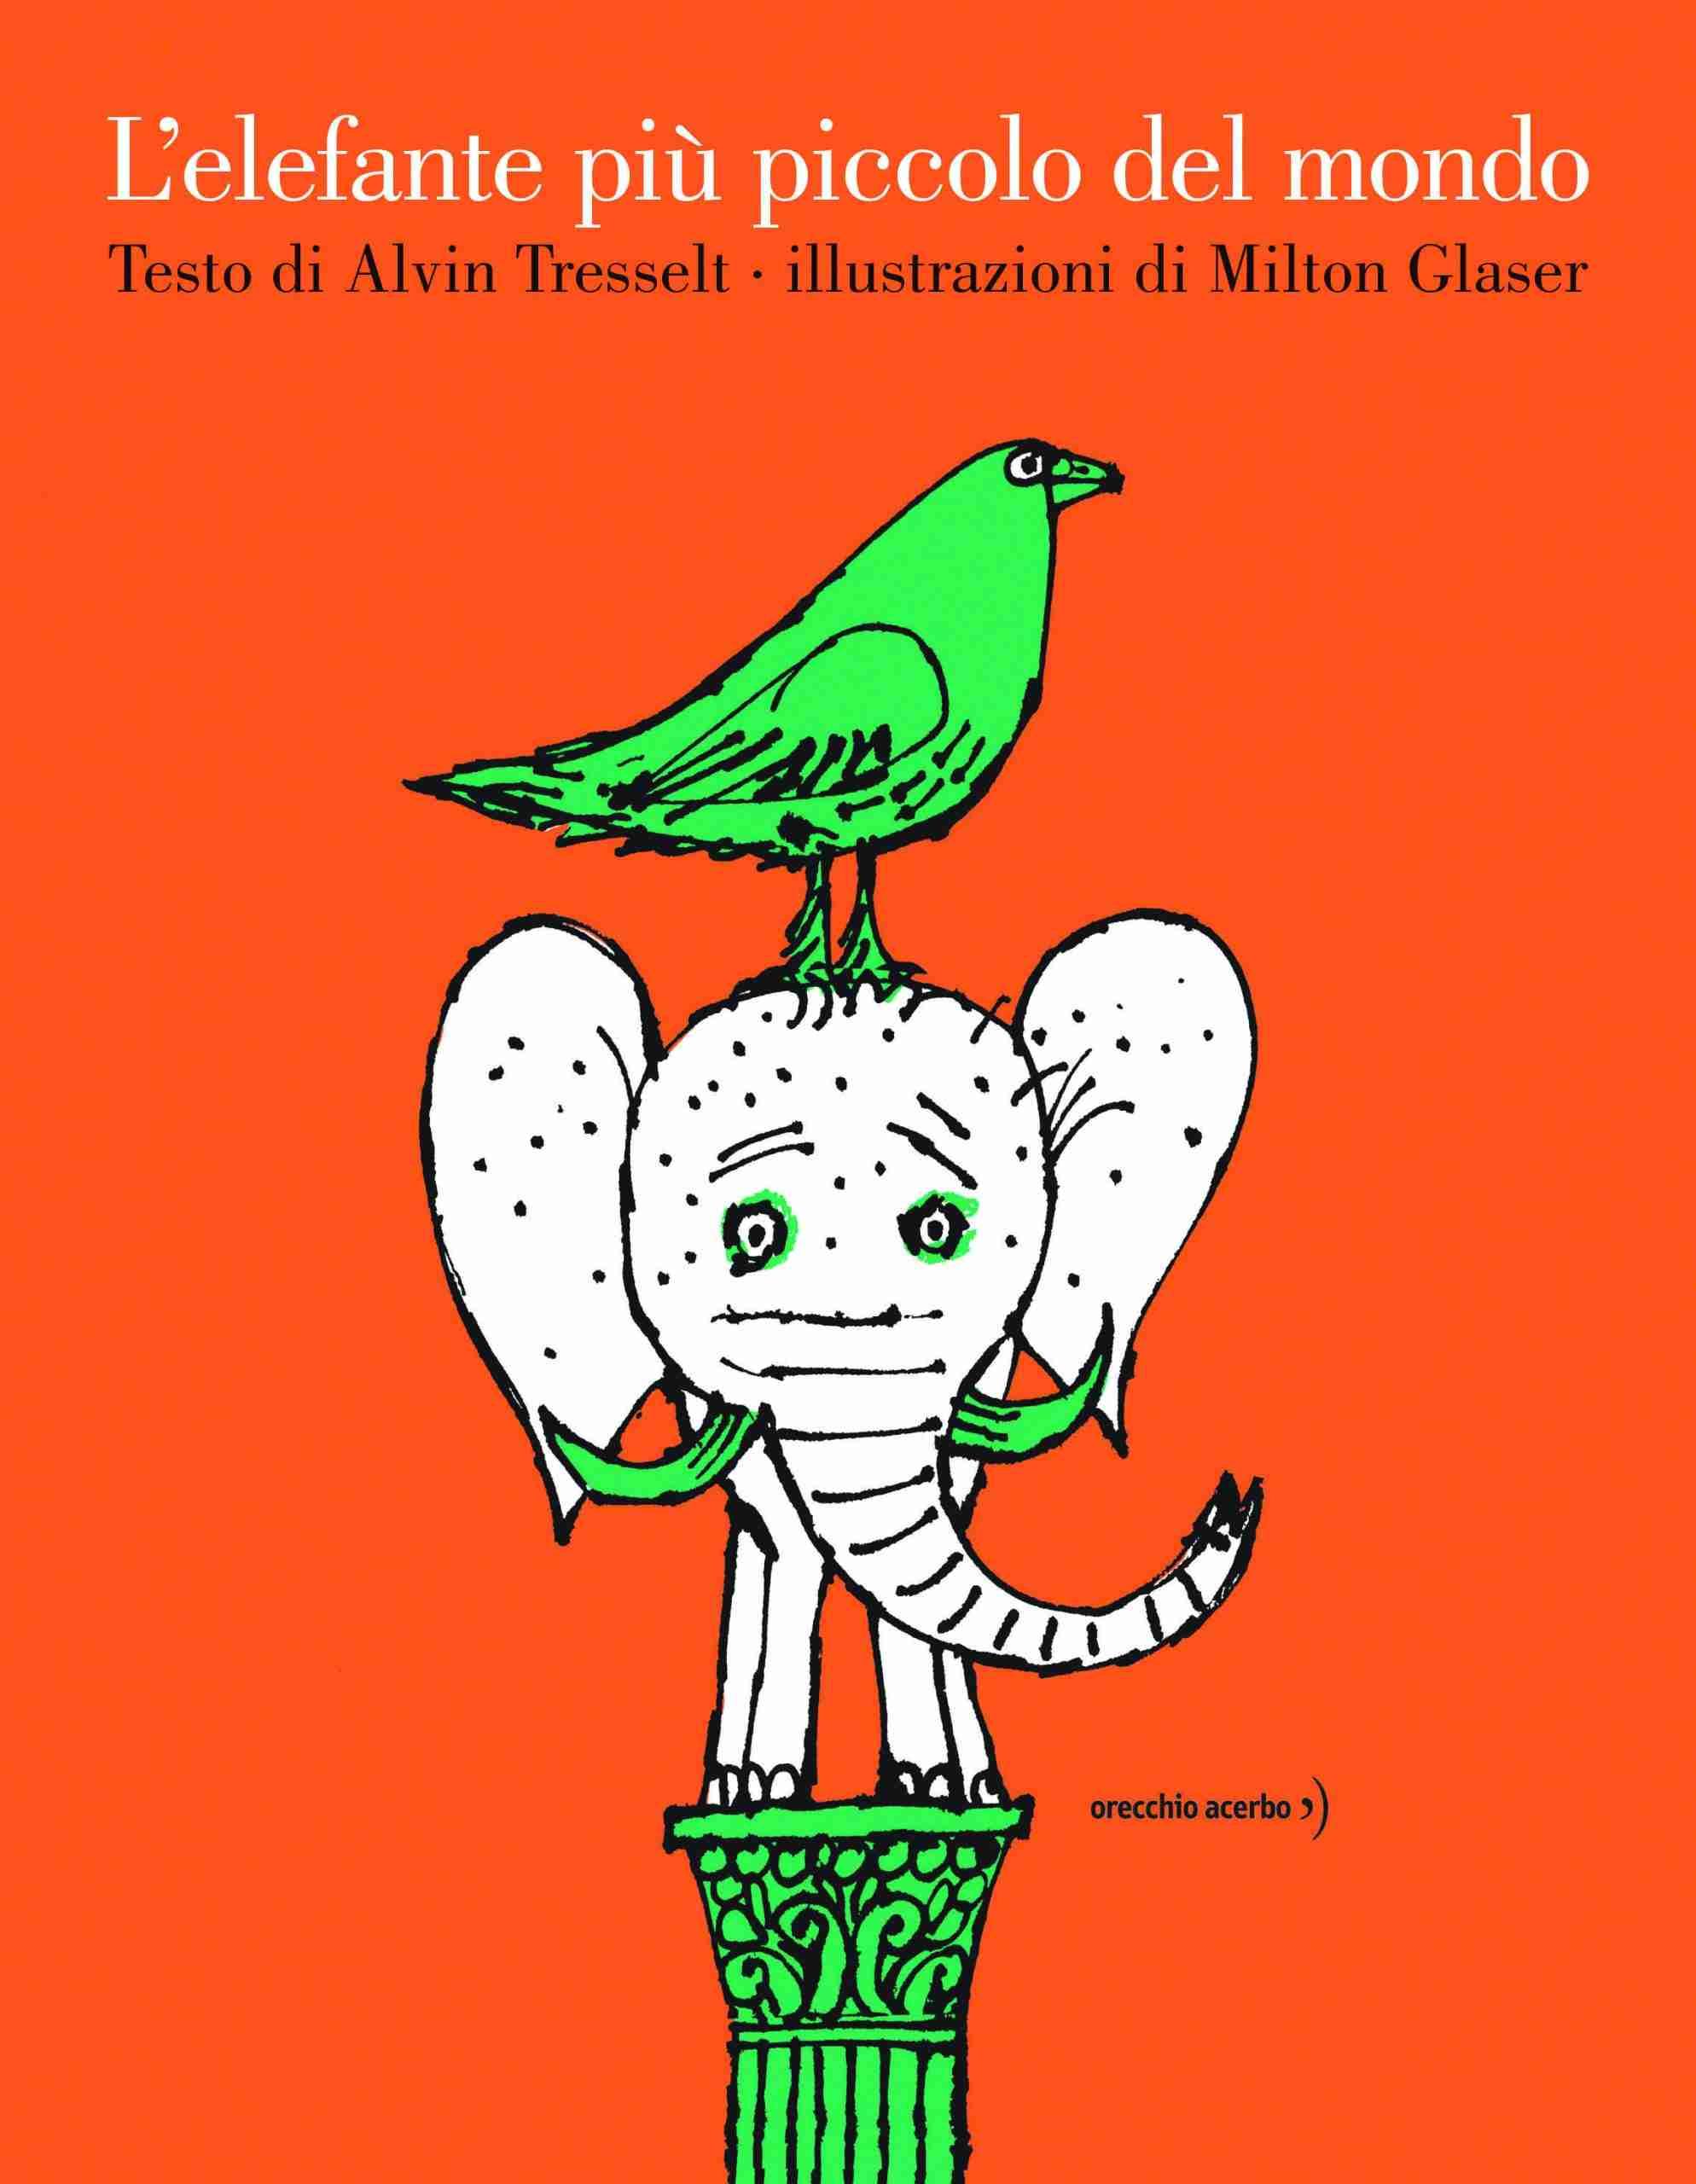 L'ELEFANTE PIÙ PICCOLO DEL MONDO di Alvin Tresselt e Milton Glaser, ORECCHIO ACERBO